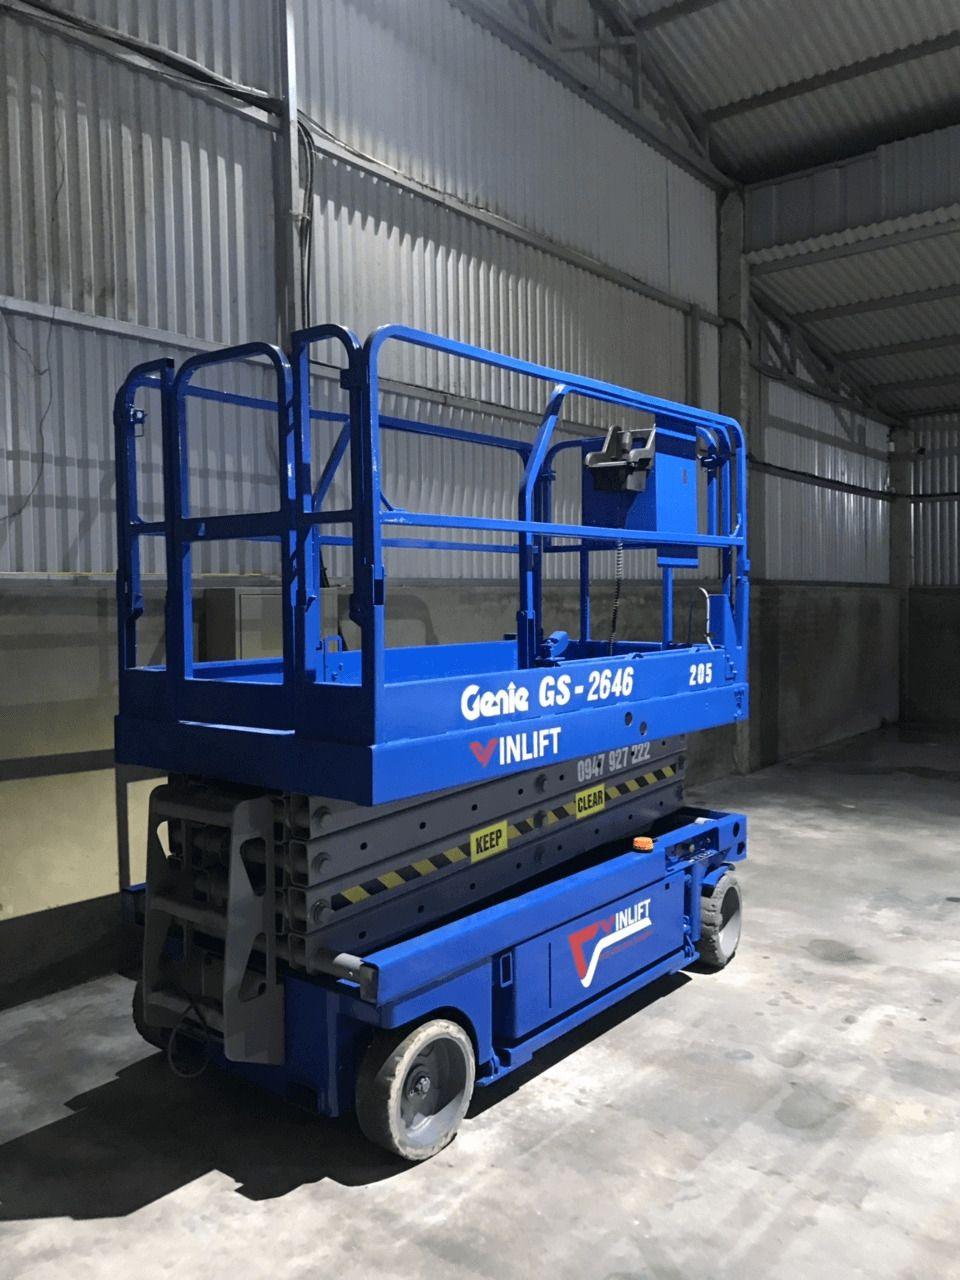 Thuê xe thang nâng người tự hành tại Hưng Yên